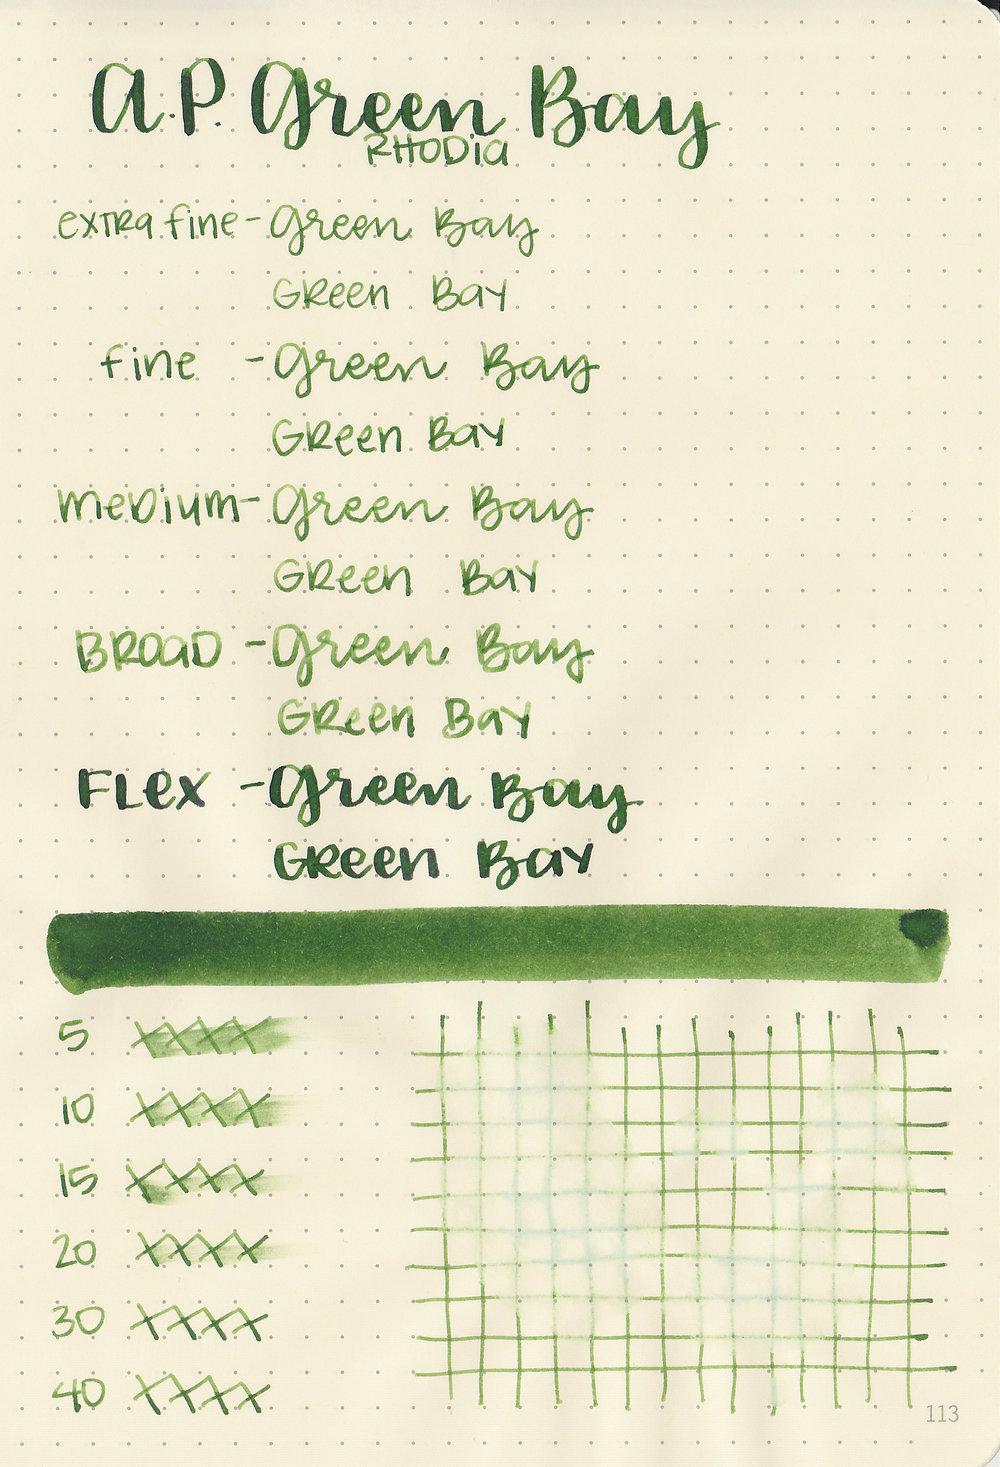 ap-green-bay-4.jpg